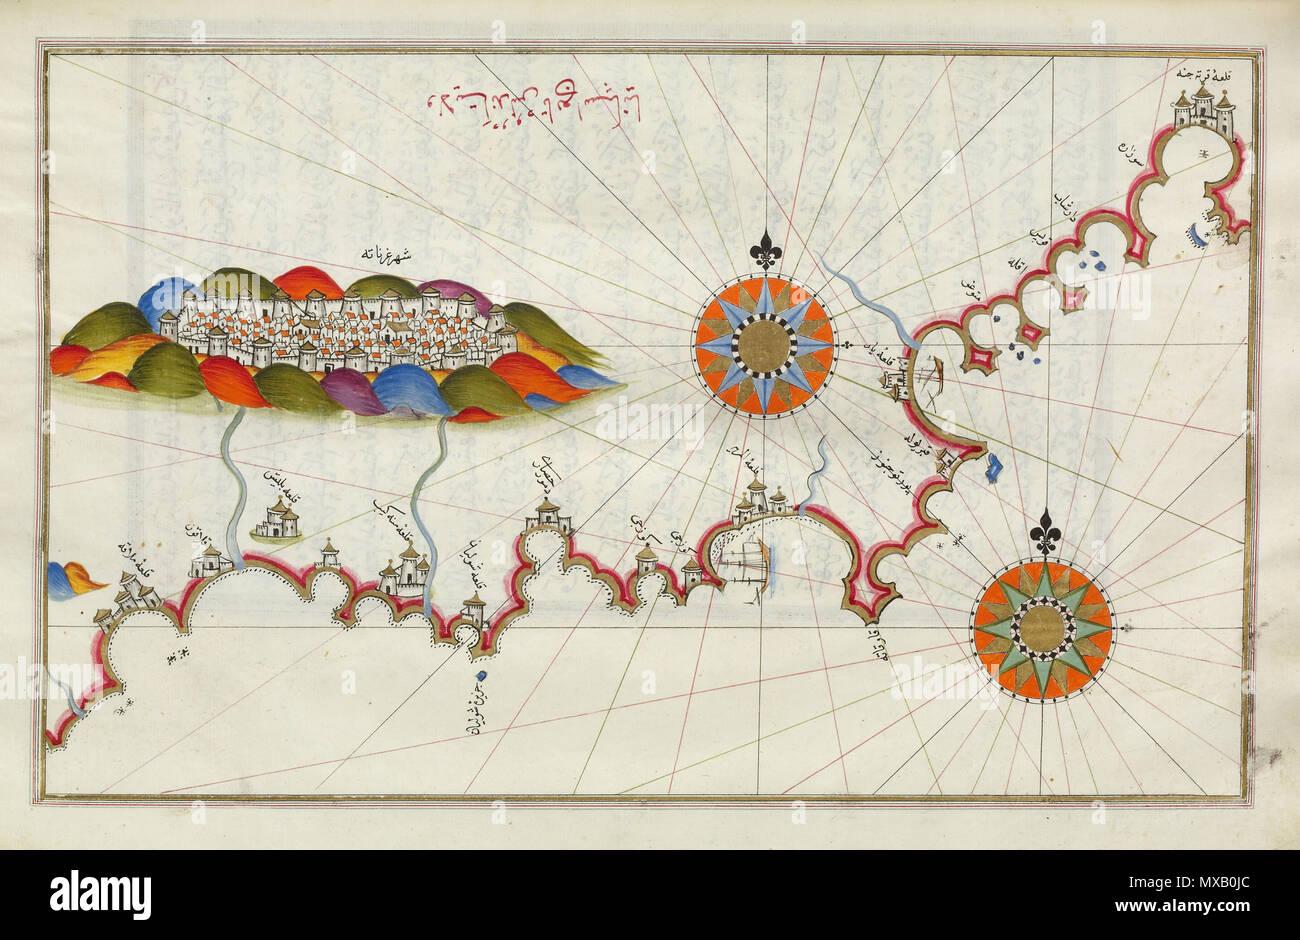 Costa De Granada Mapa.Kingdom Of Granada Stock Photos Kingdom Of Granada Stock